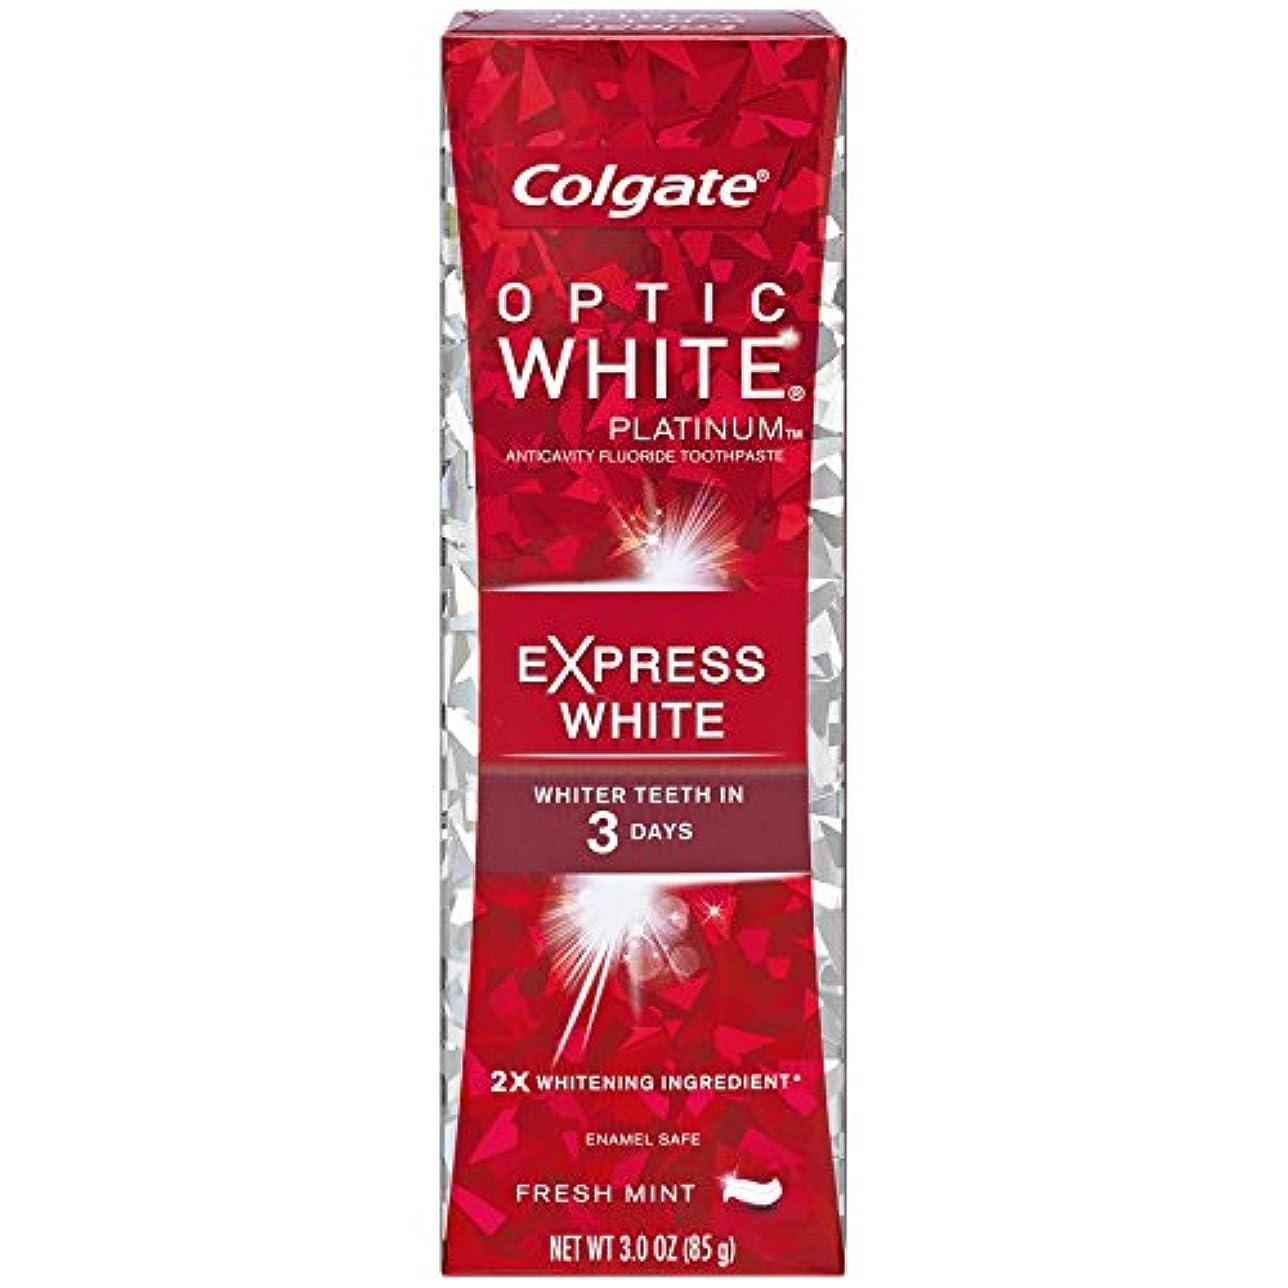 目に見えるシャトル酸っぱいコルゲート 歯みがき粉 オプティック ホワイト 3Days エクスプレス ホワイト